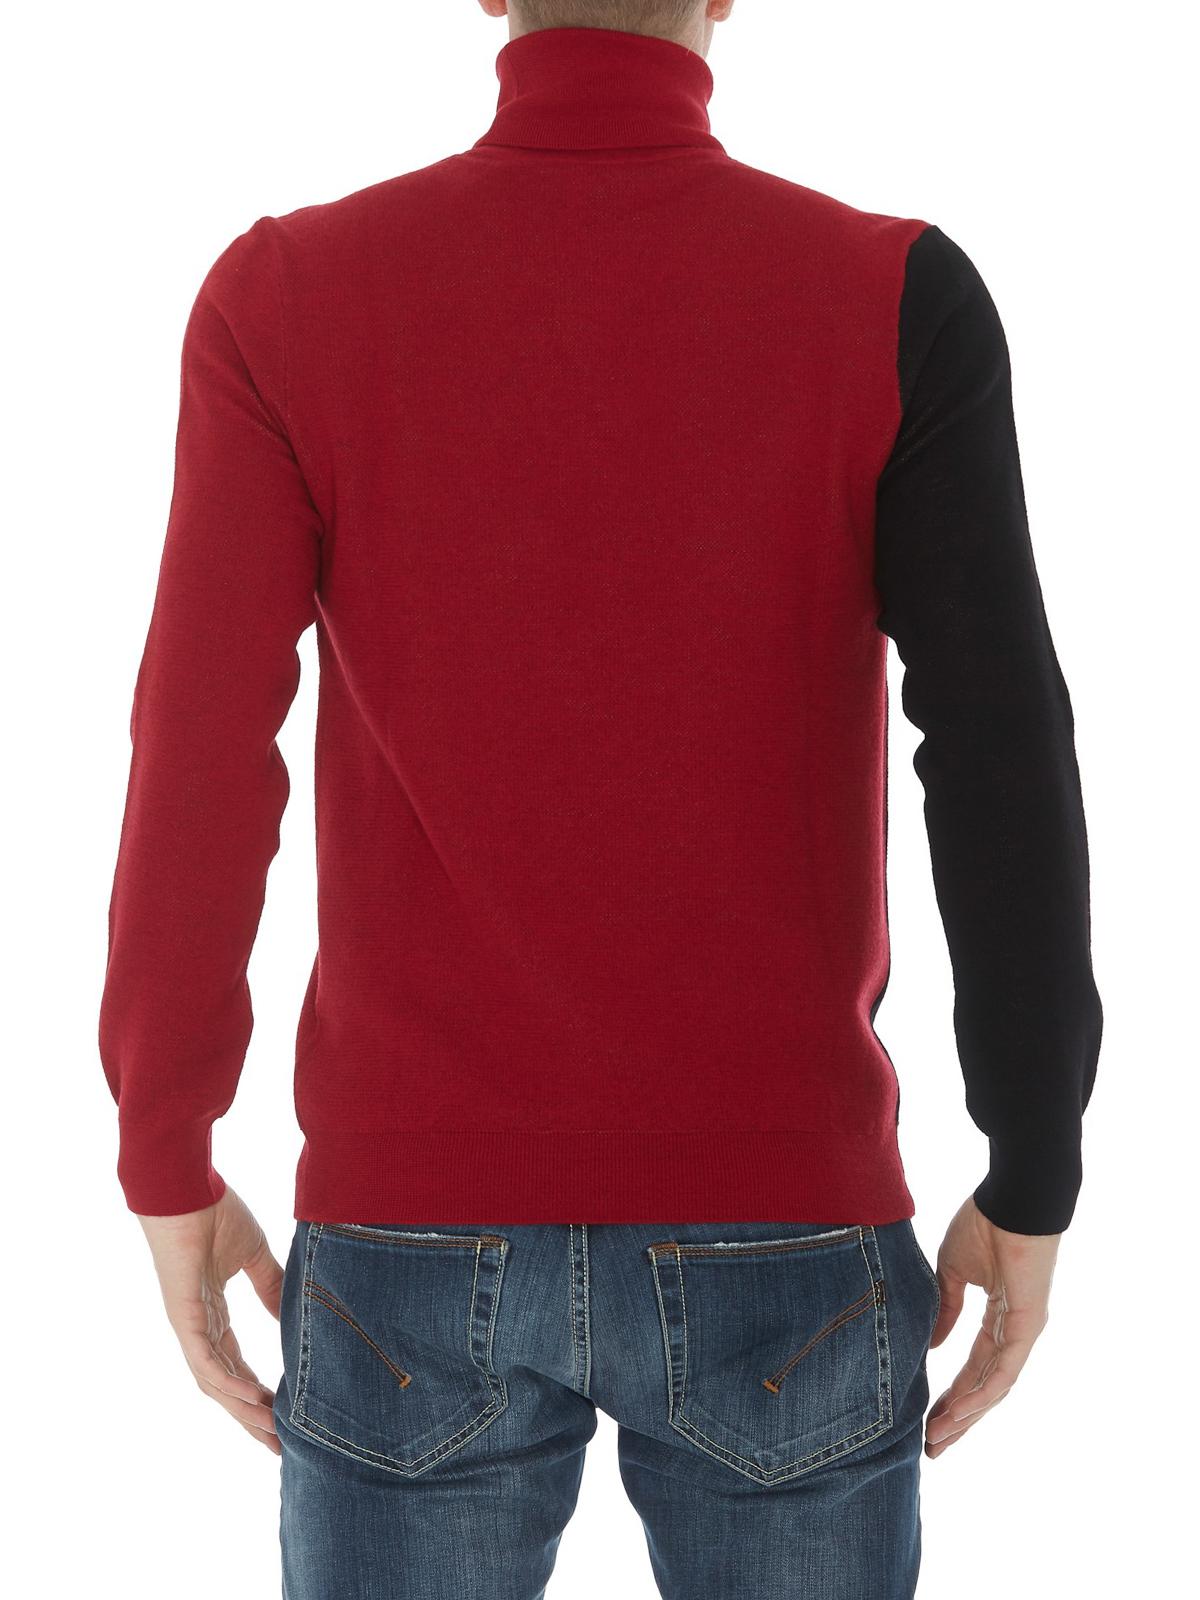 254a1c58b8 Versace Collection - Medusa head wool blend sweater - Turtlenecks ...